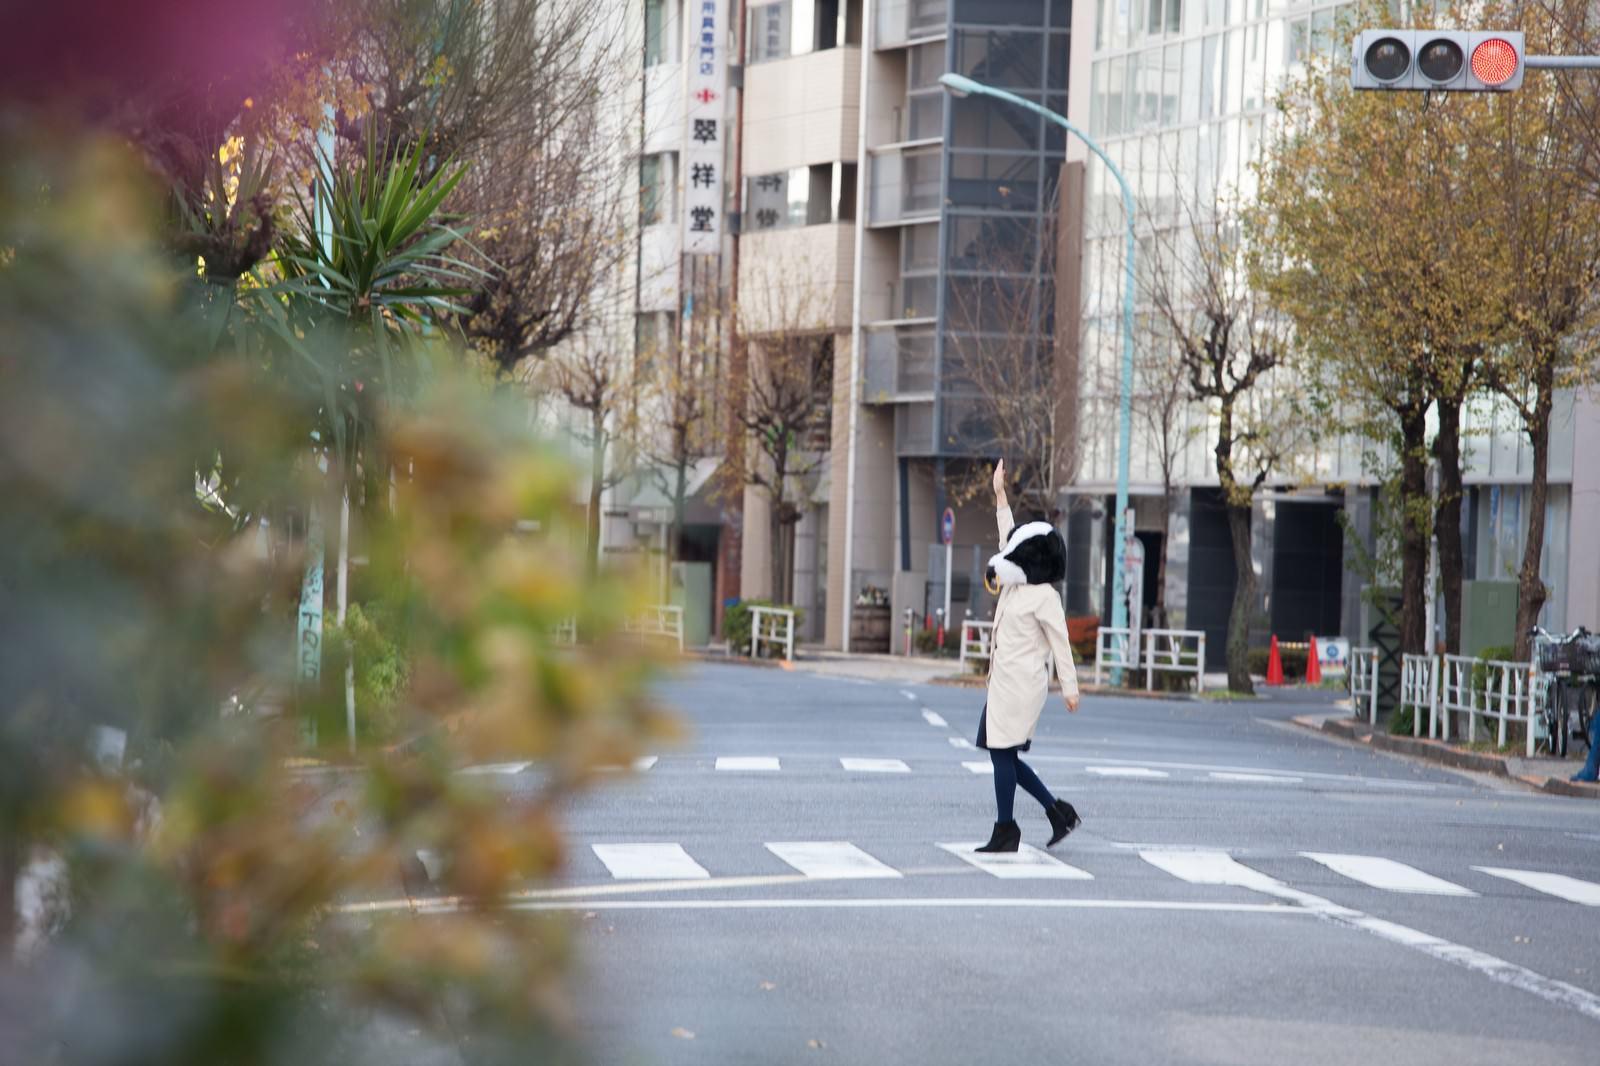 「横断歩道は手を上げて渡りましょう横断歩道は手を上げて渡りましょう」[モデル:古性のっち]のフリー写真素材を拡大